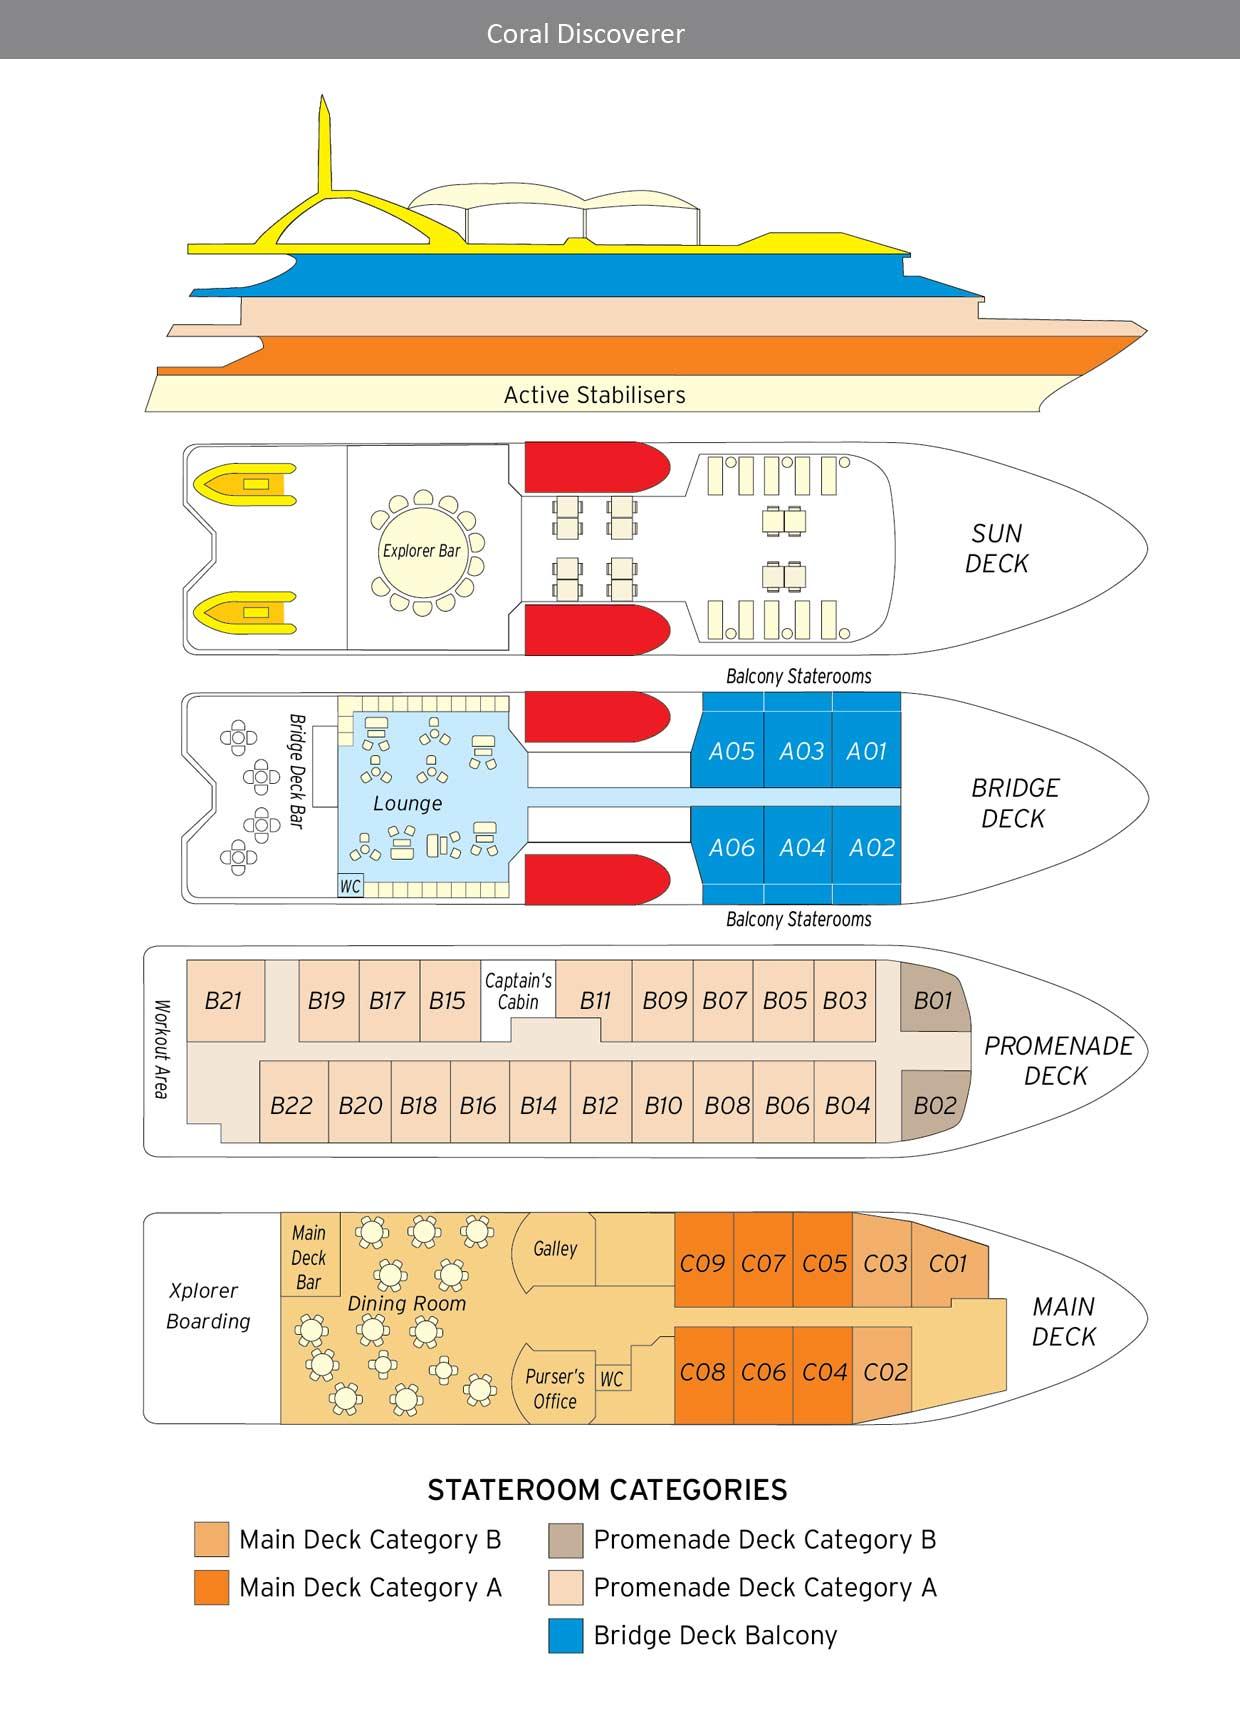 Deck Plan Coral Discoverer